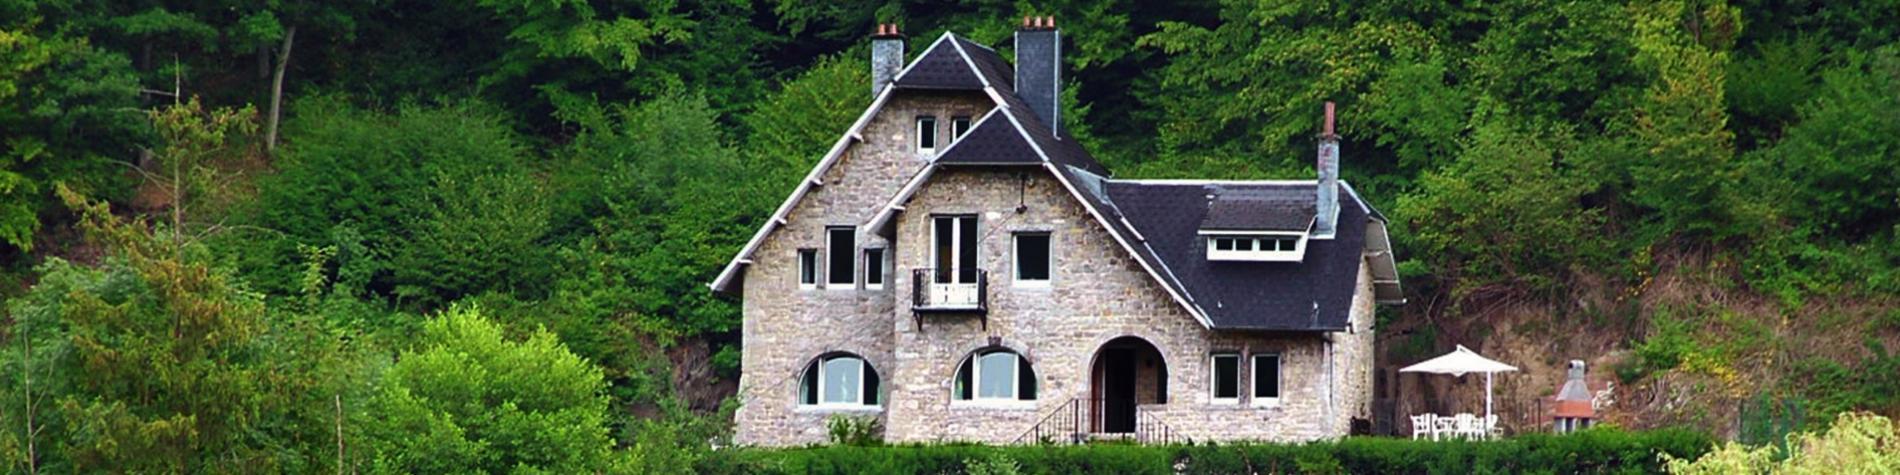 Gîte rural - Les Roches - Hastière